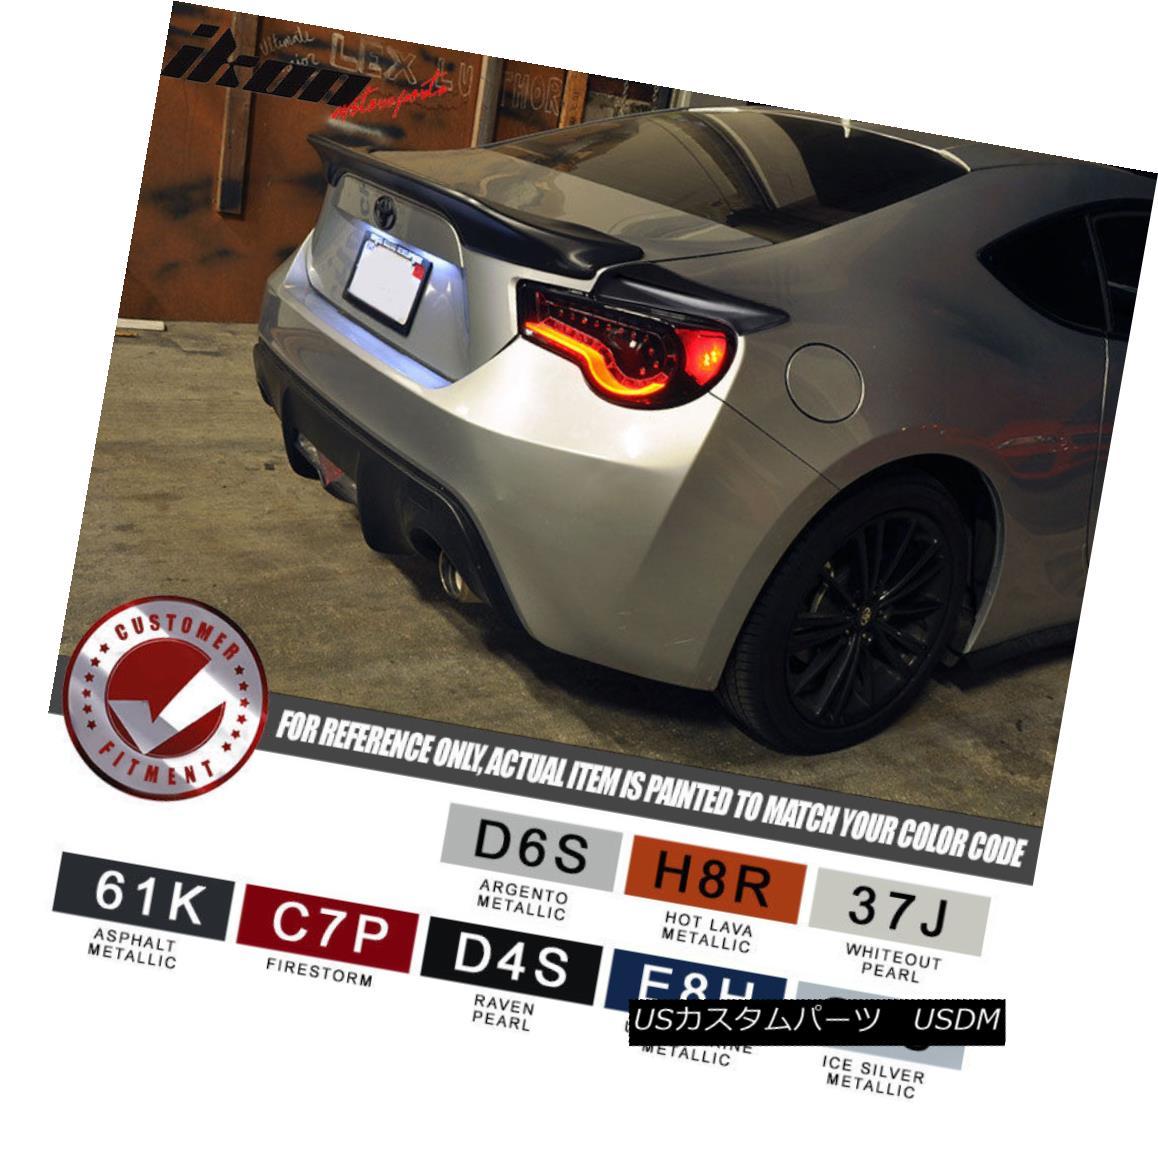 エアロパーツ Fits: 13-17 Scion FRS Subaru BRZ Paint Color JDM Trunk + Side Spoiler フィット:13-17サイオンFRSスバルBRZペイントカラーJDMトランク+サイドスポイラー